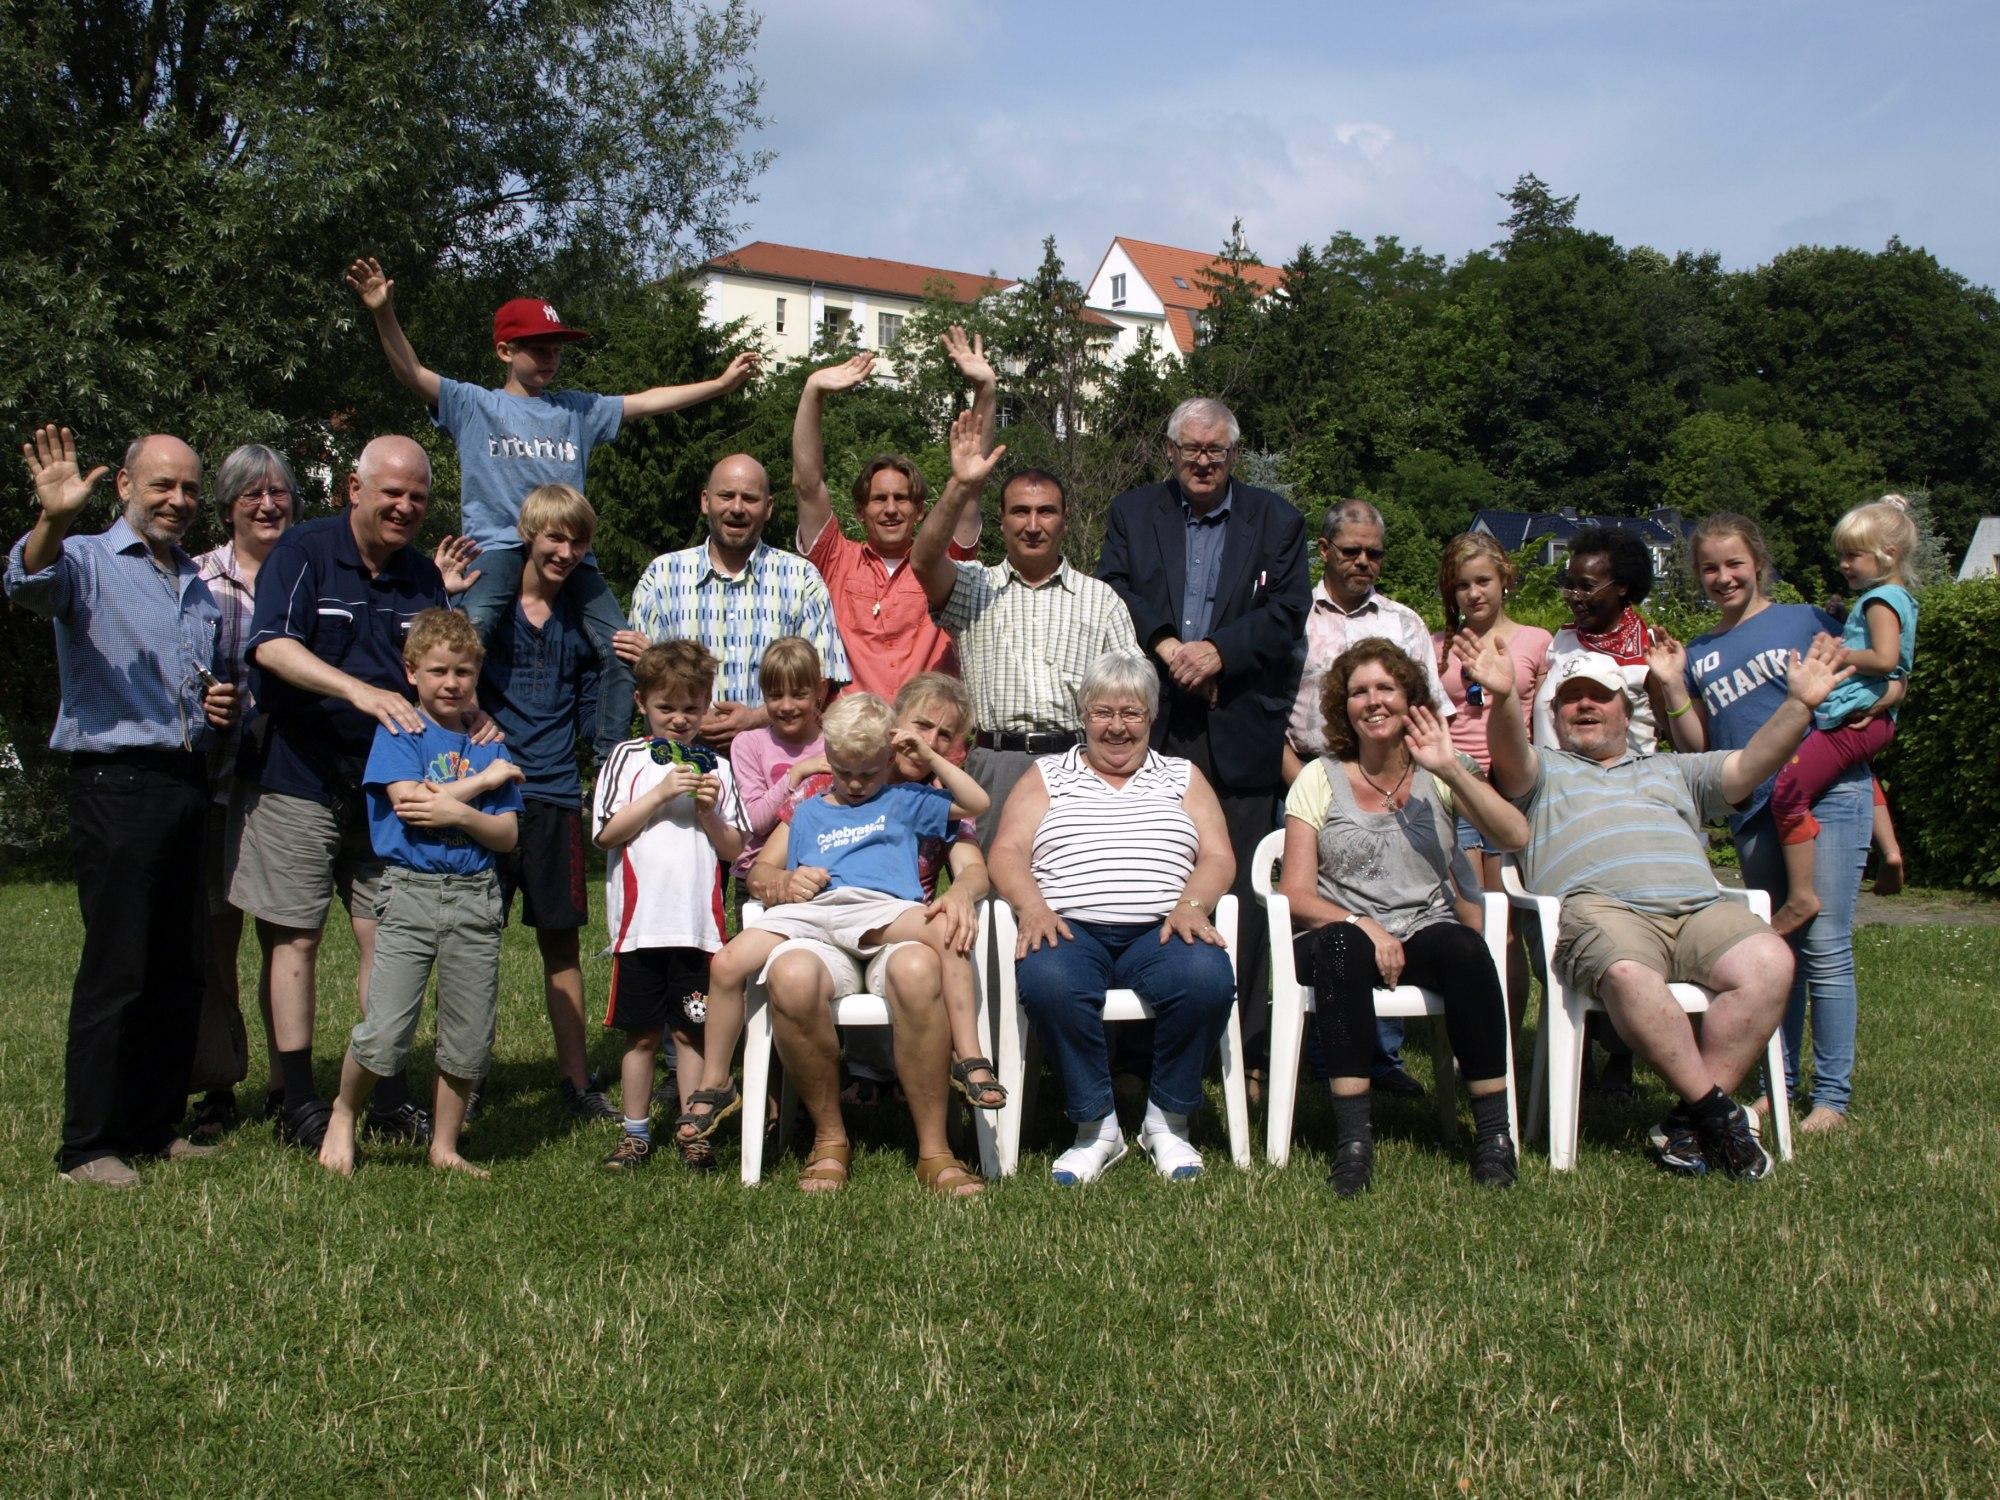 Teamfreizeit in Woltersdorf